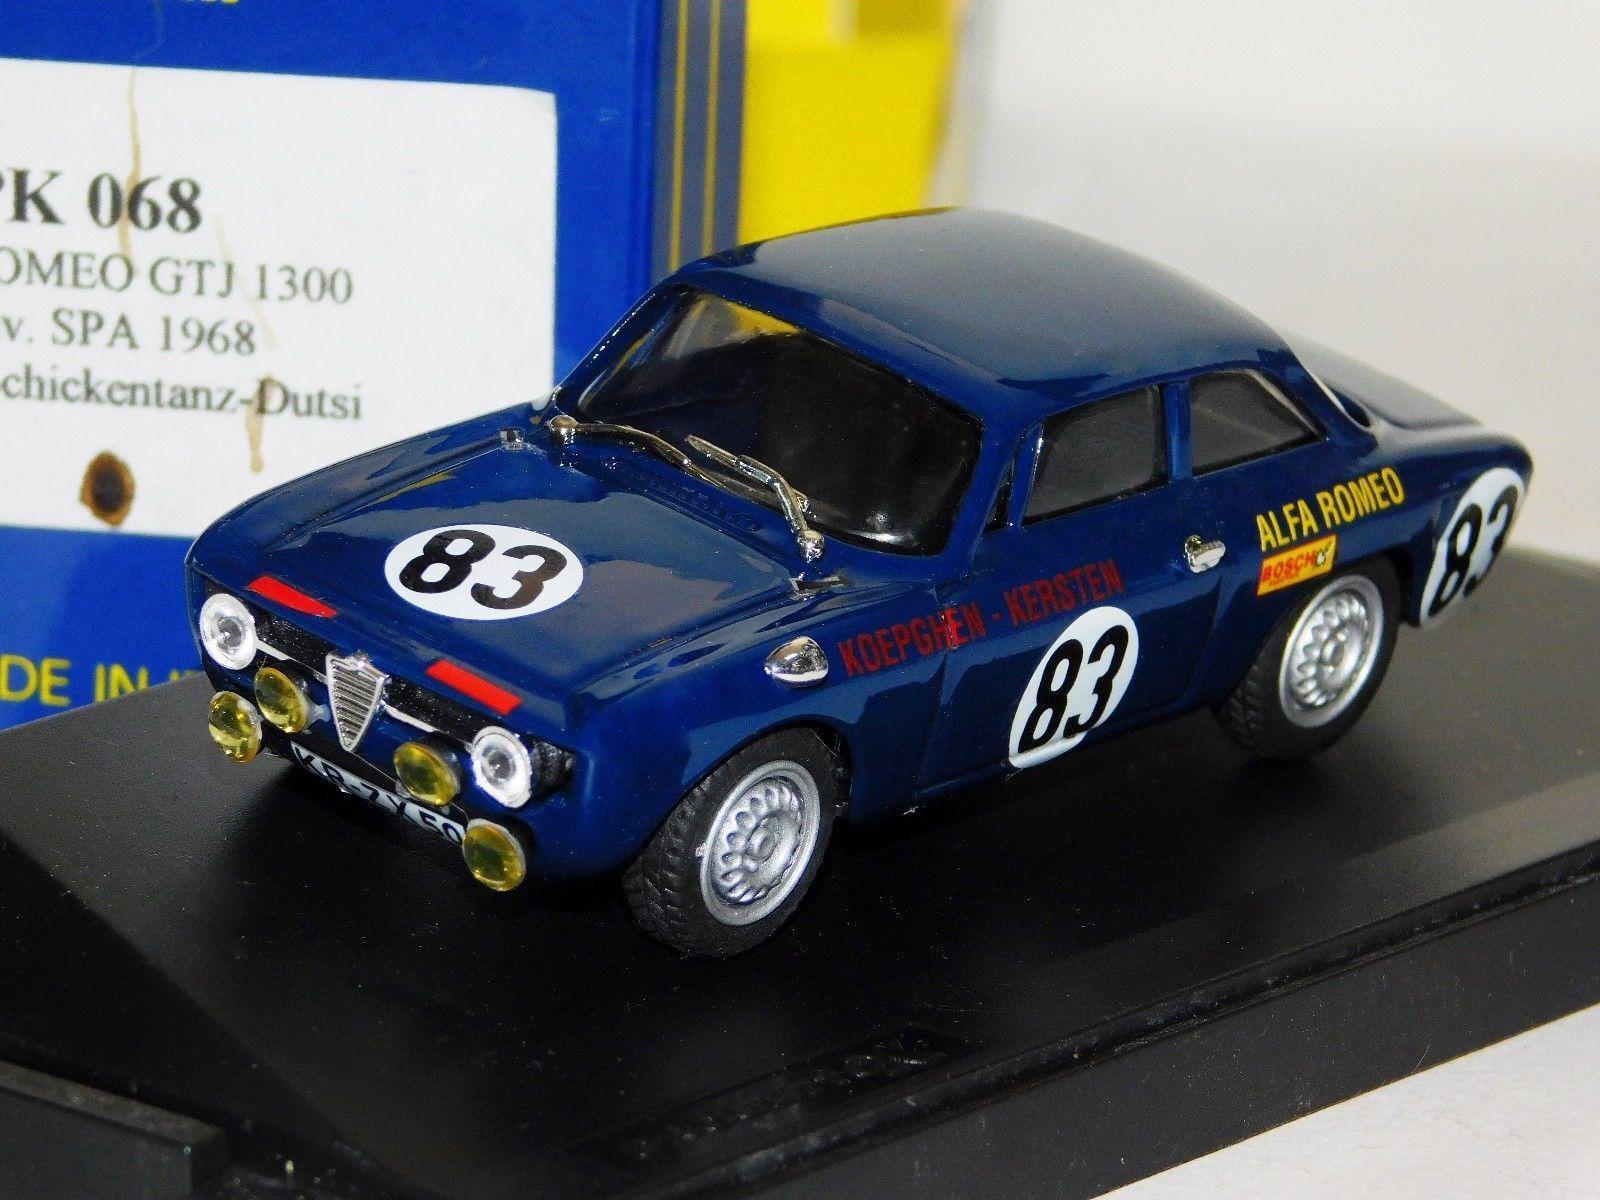 ALFA ROMEO GTJ SPA 1968 DIV. DIV. DIV. WINNER PROGETTO PK 068 1 43 dfc7ff